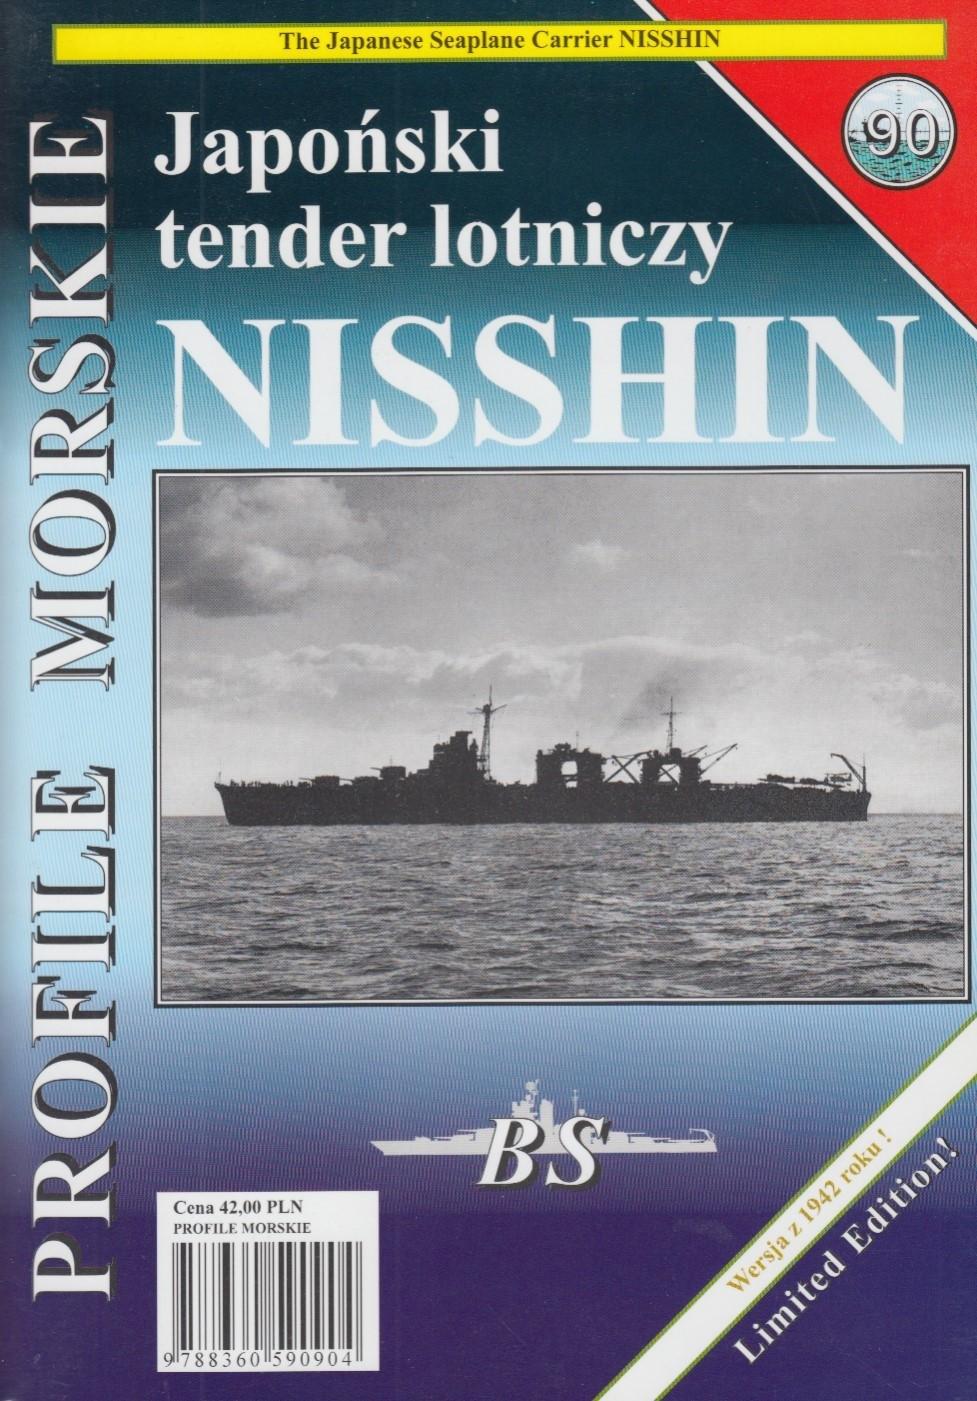 IJN seaplane carrier NISSHIN